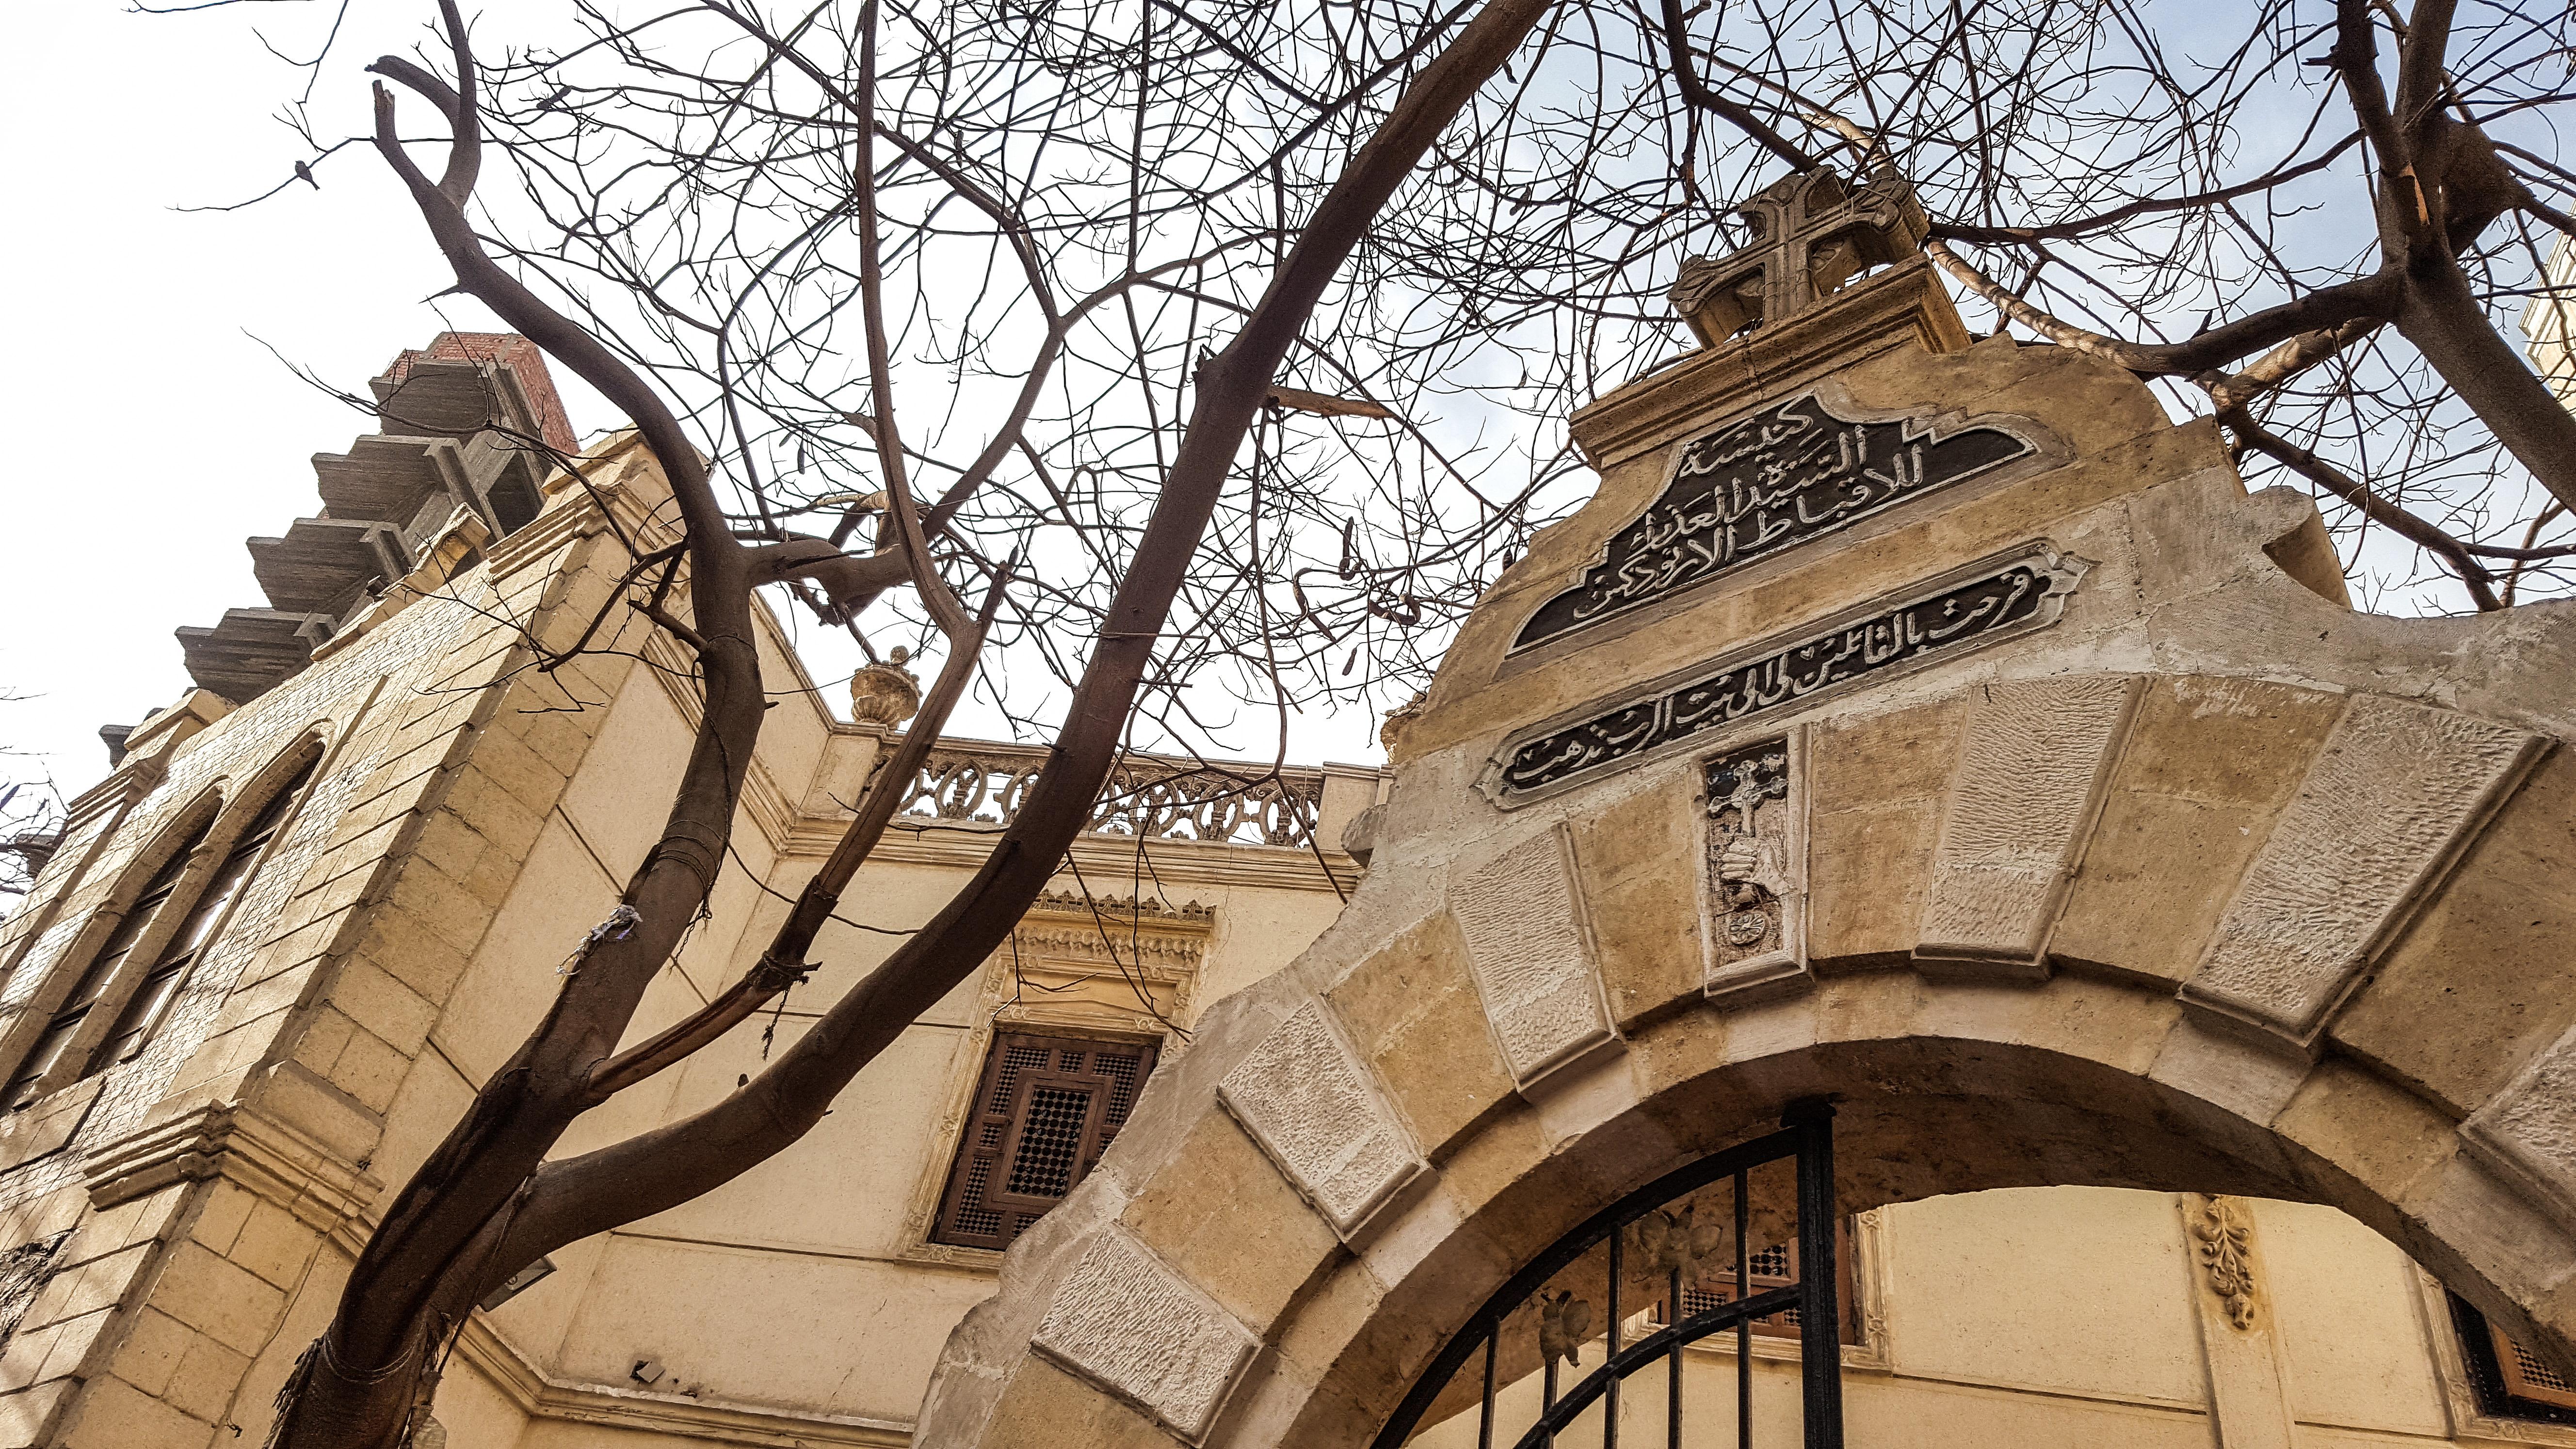 كنيسة السيدة العذراء بالفجالة - تصوير ميشيل حنا